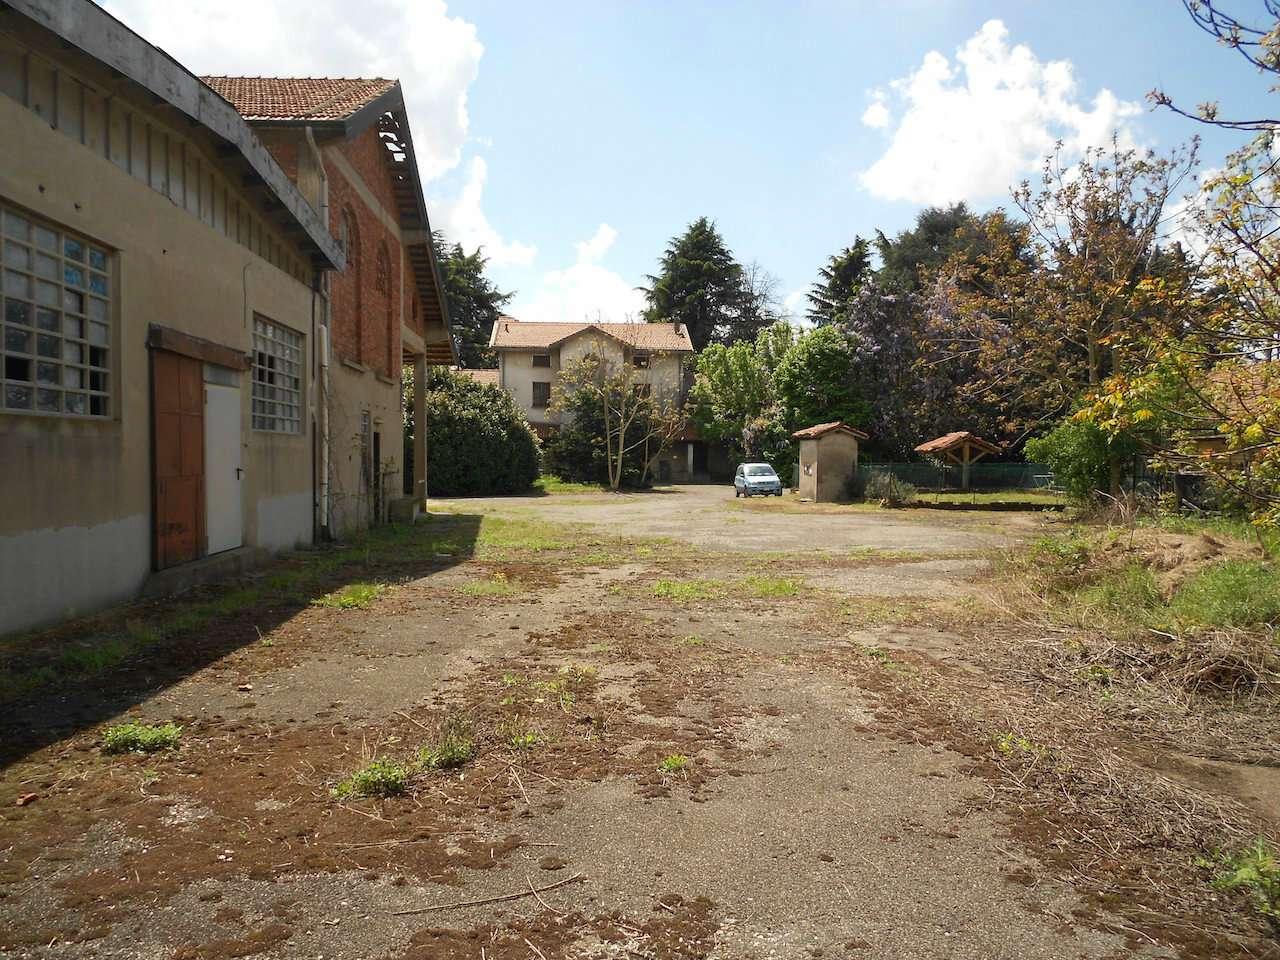 Terreno Edificabile Artigianale in vendita a Buscate, 10 locali, Trattative riservate | CambioCasa.it